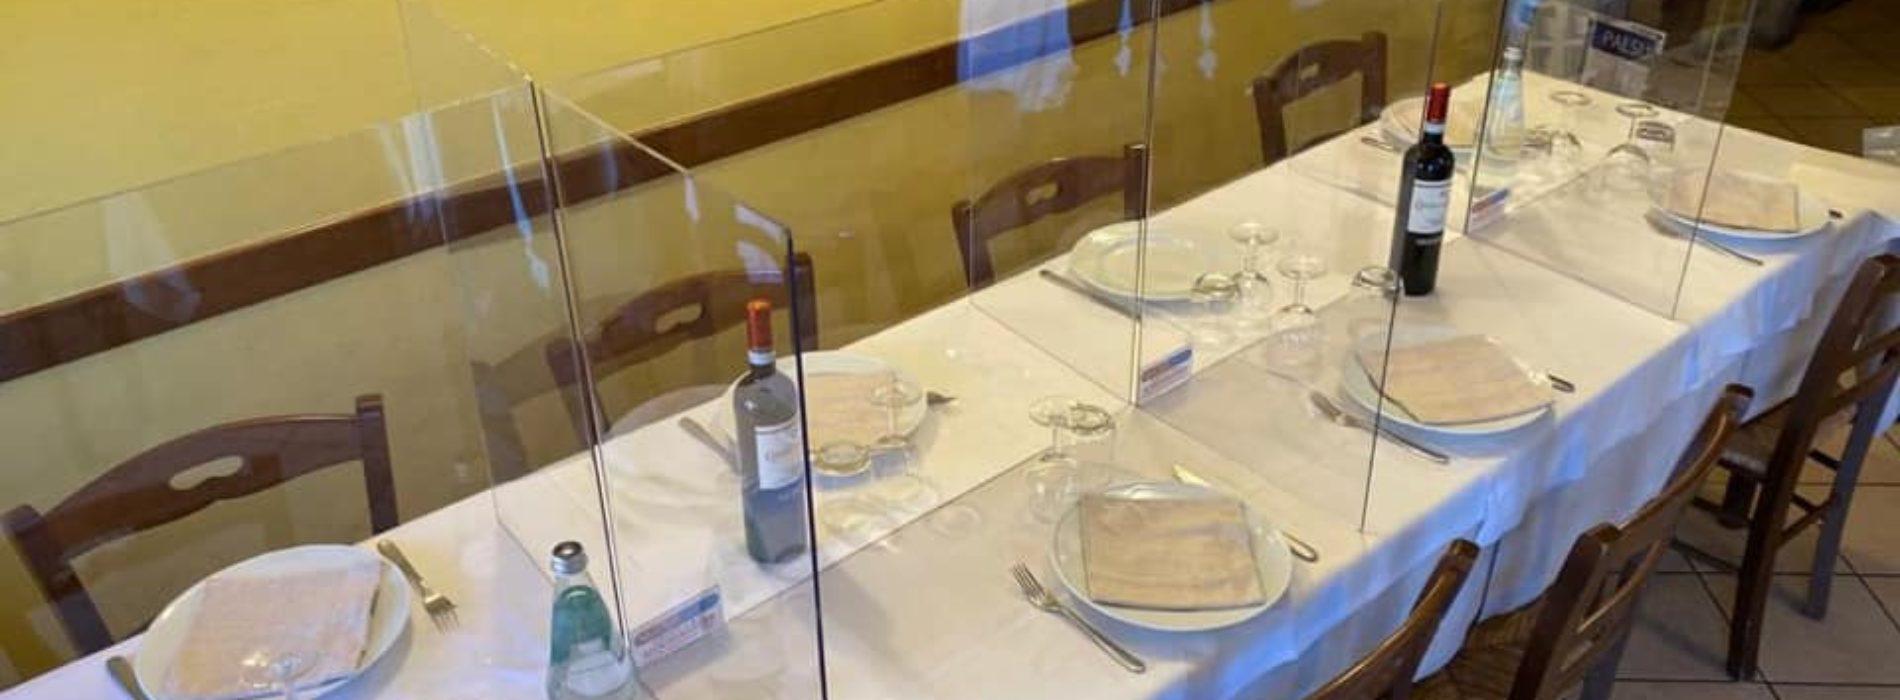 Divisori In Plexiglass Per Esterni tavoli monouso e plexiglas, le proposte assurde per